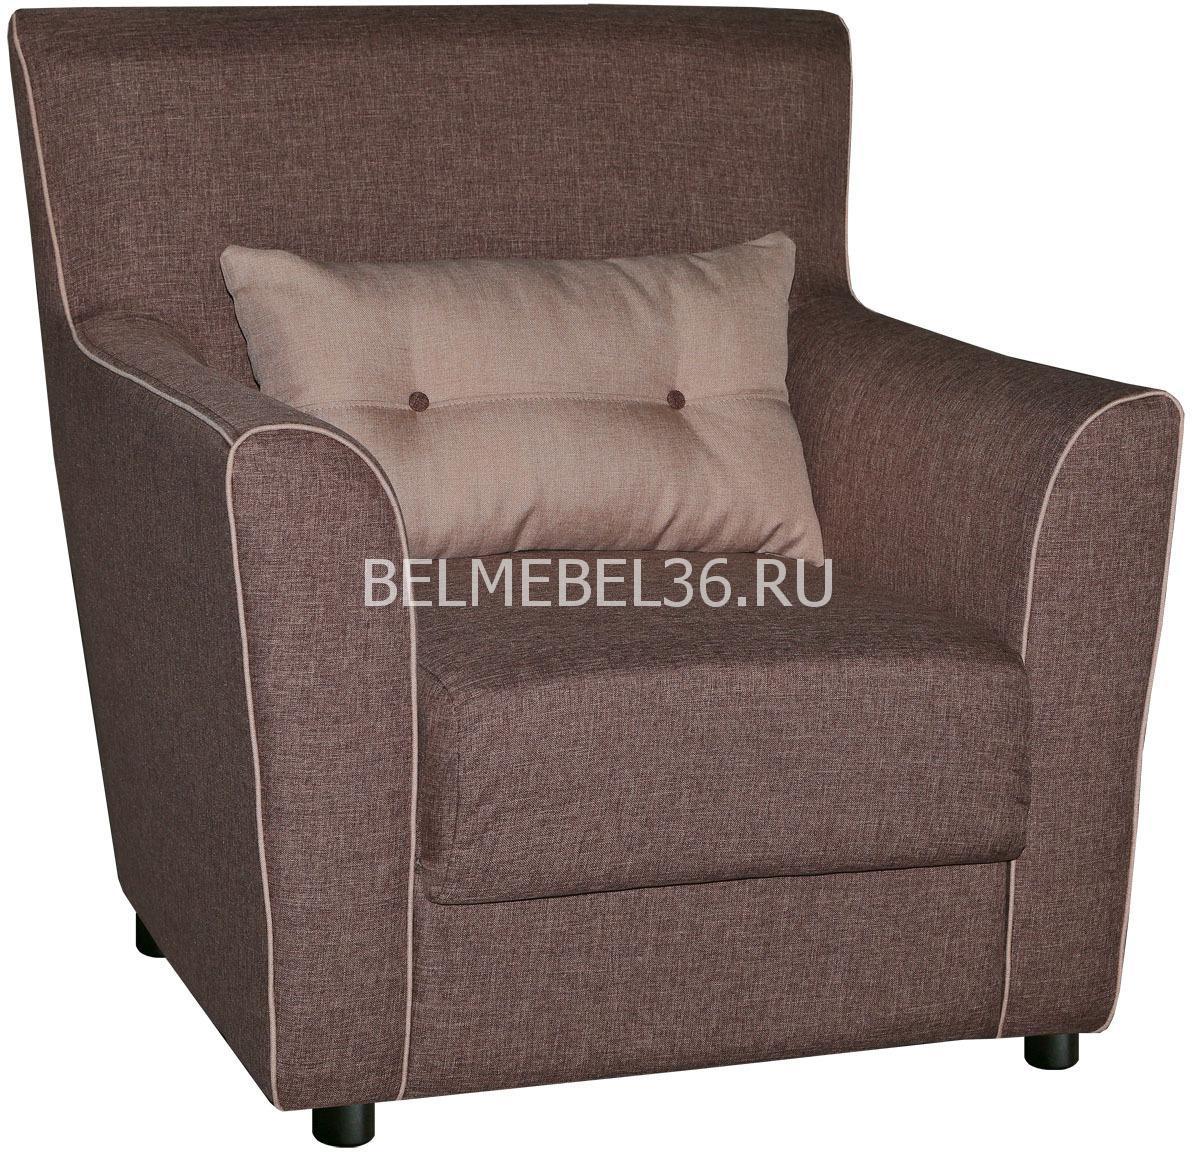 Кресло Бергамо (12) П-Д1432   Белорусская мебель в Воронеже